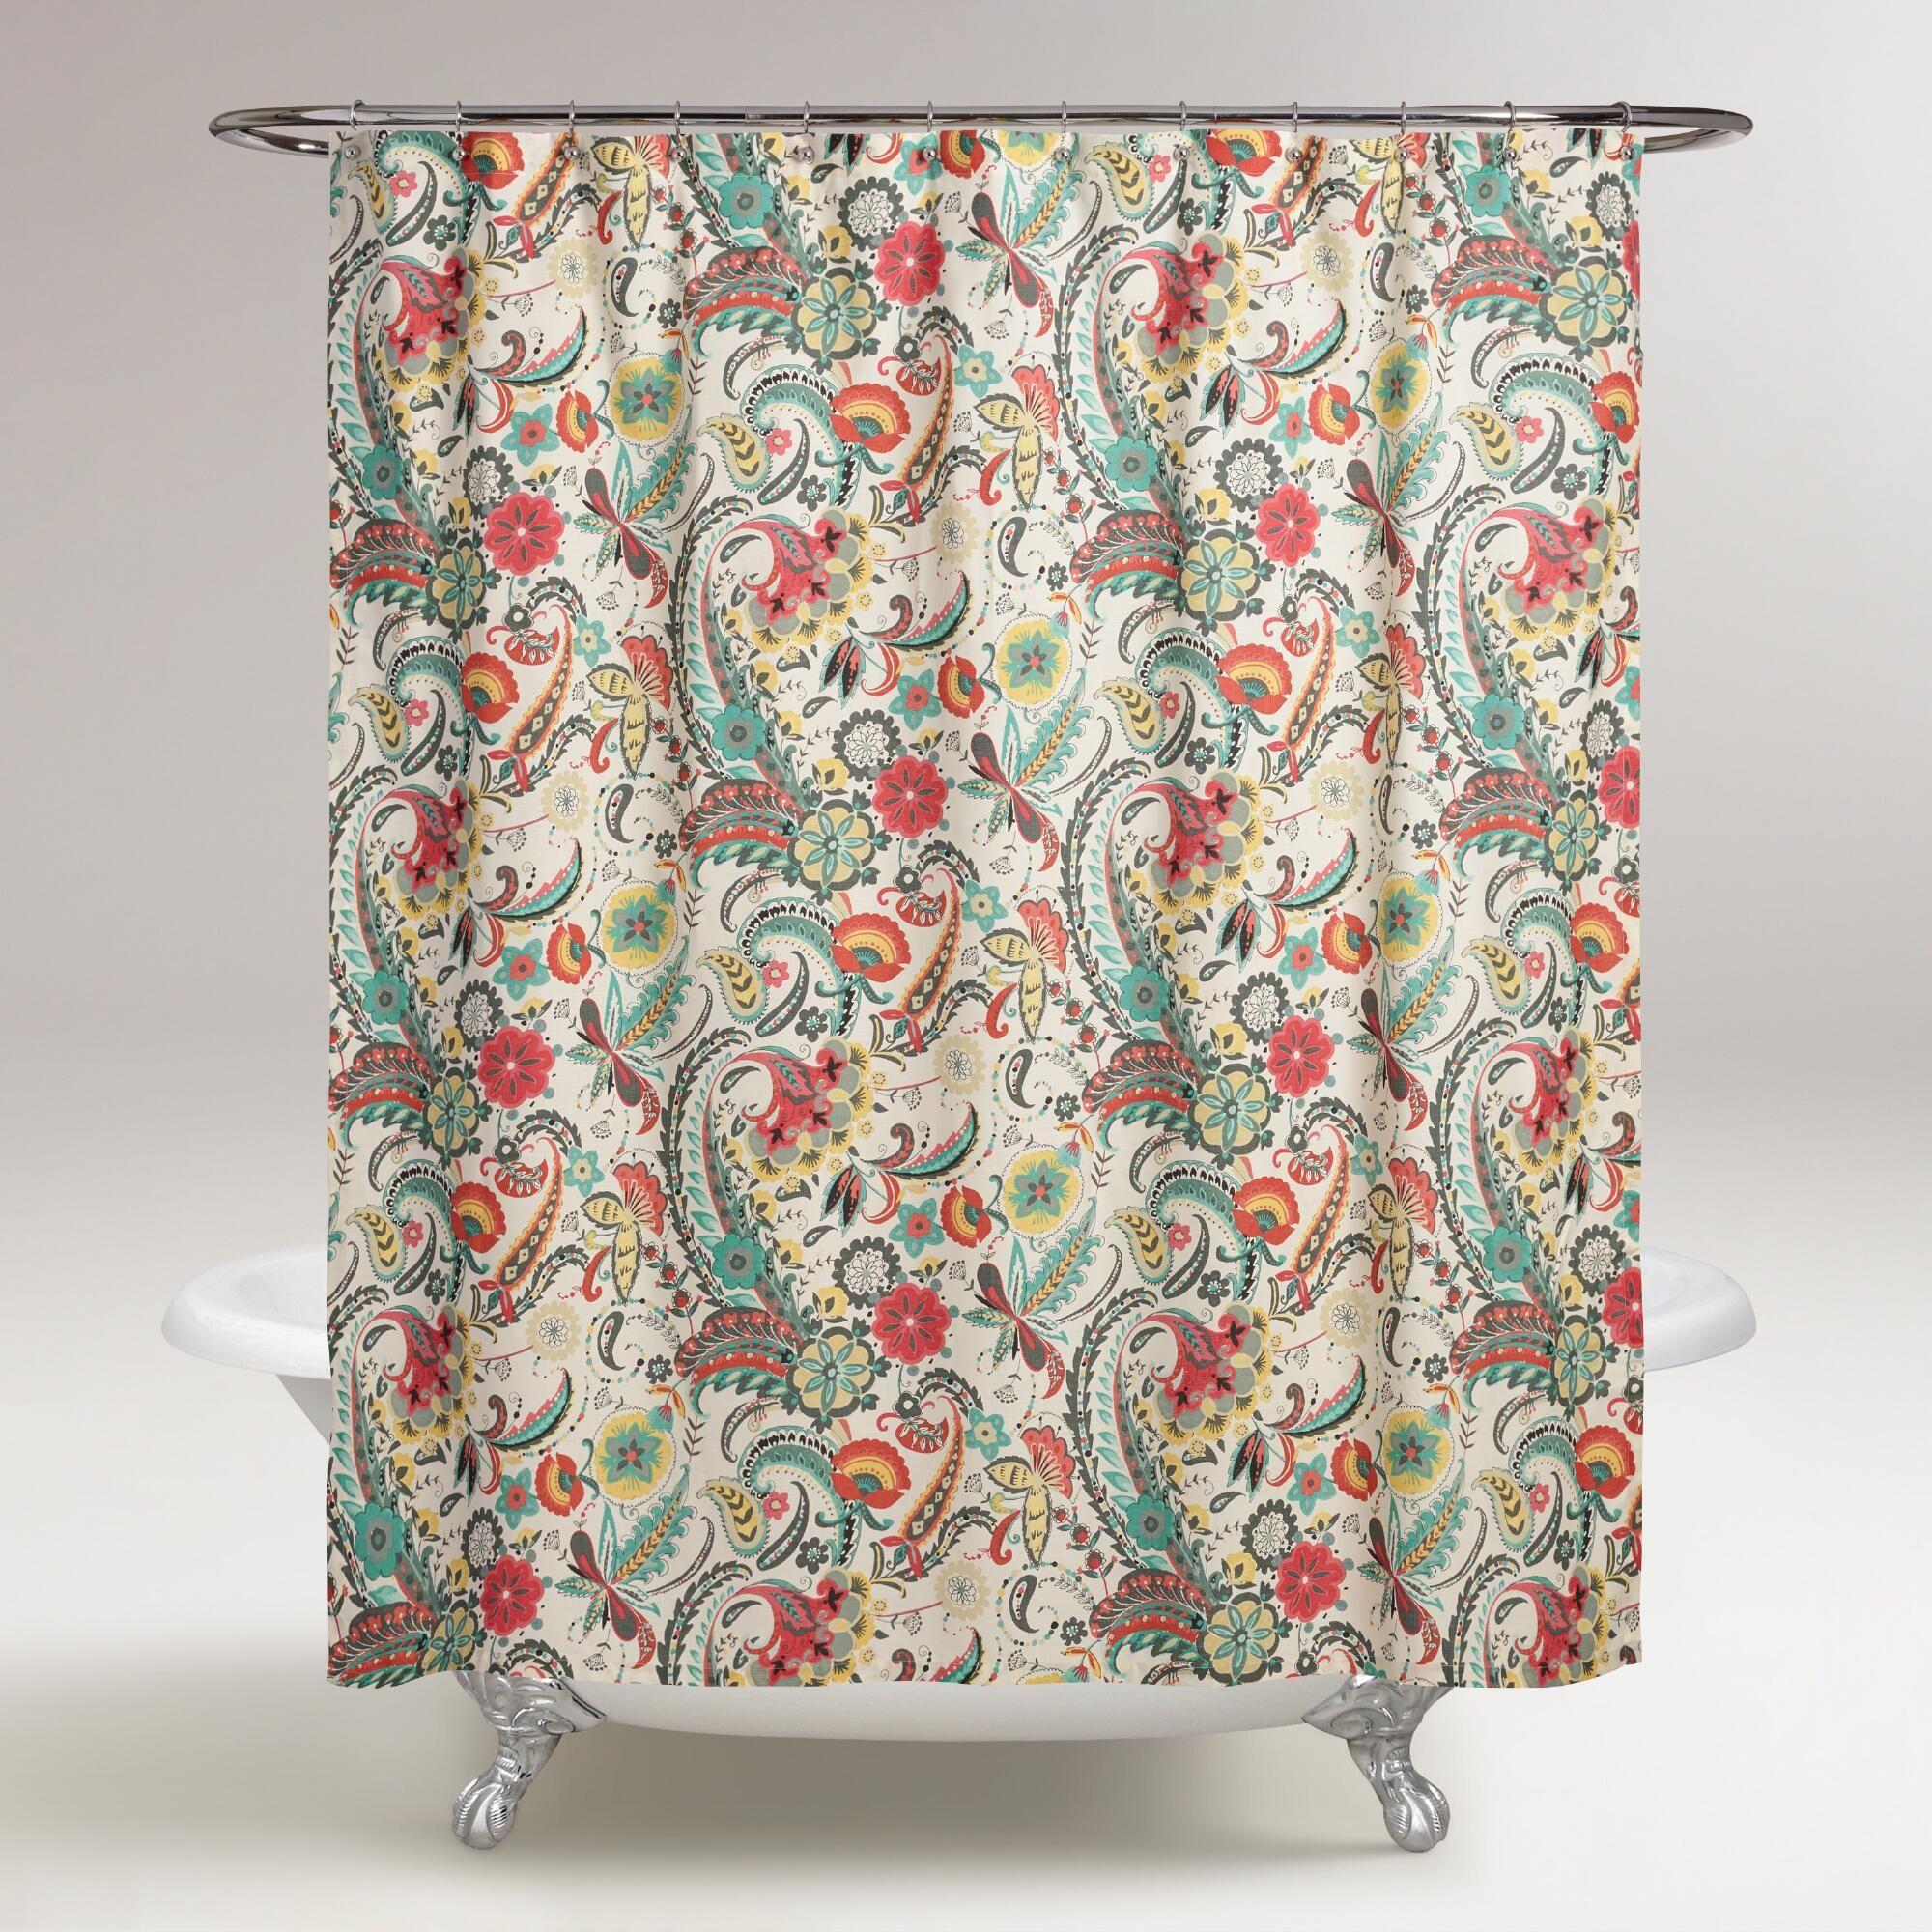 Paisley Floral Kadiri Shower Curtain Unique Shower Curtain